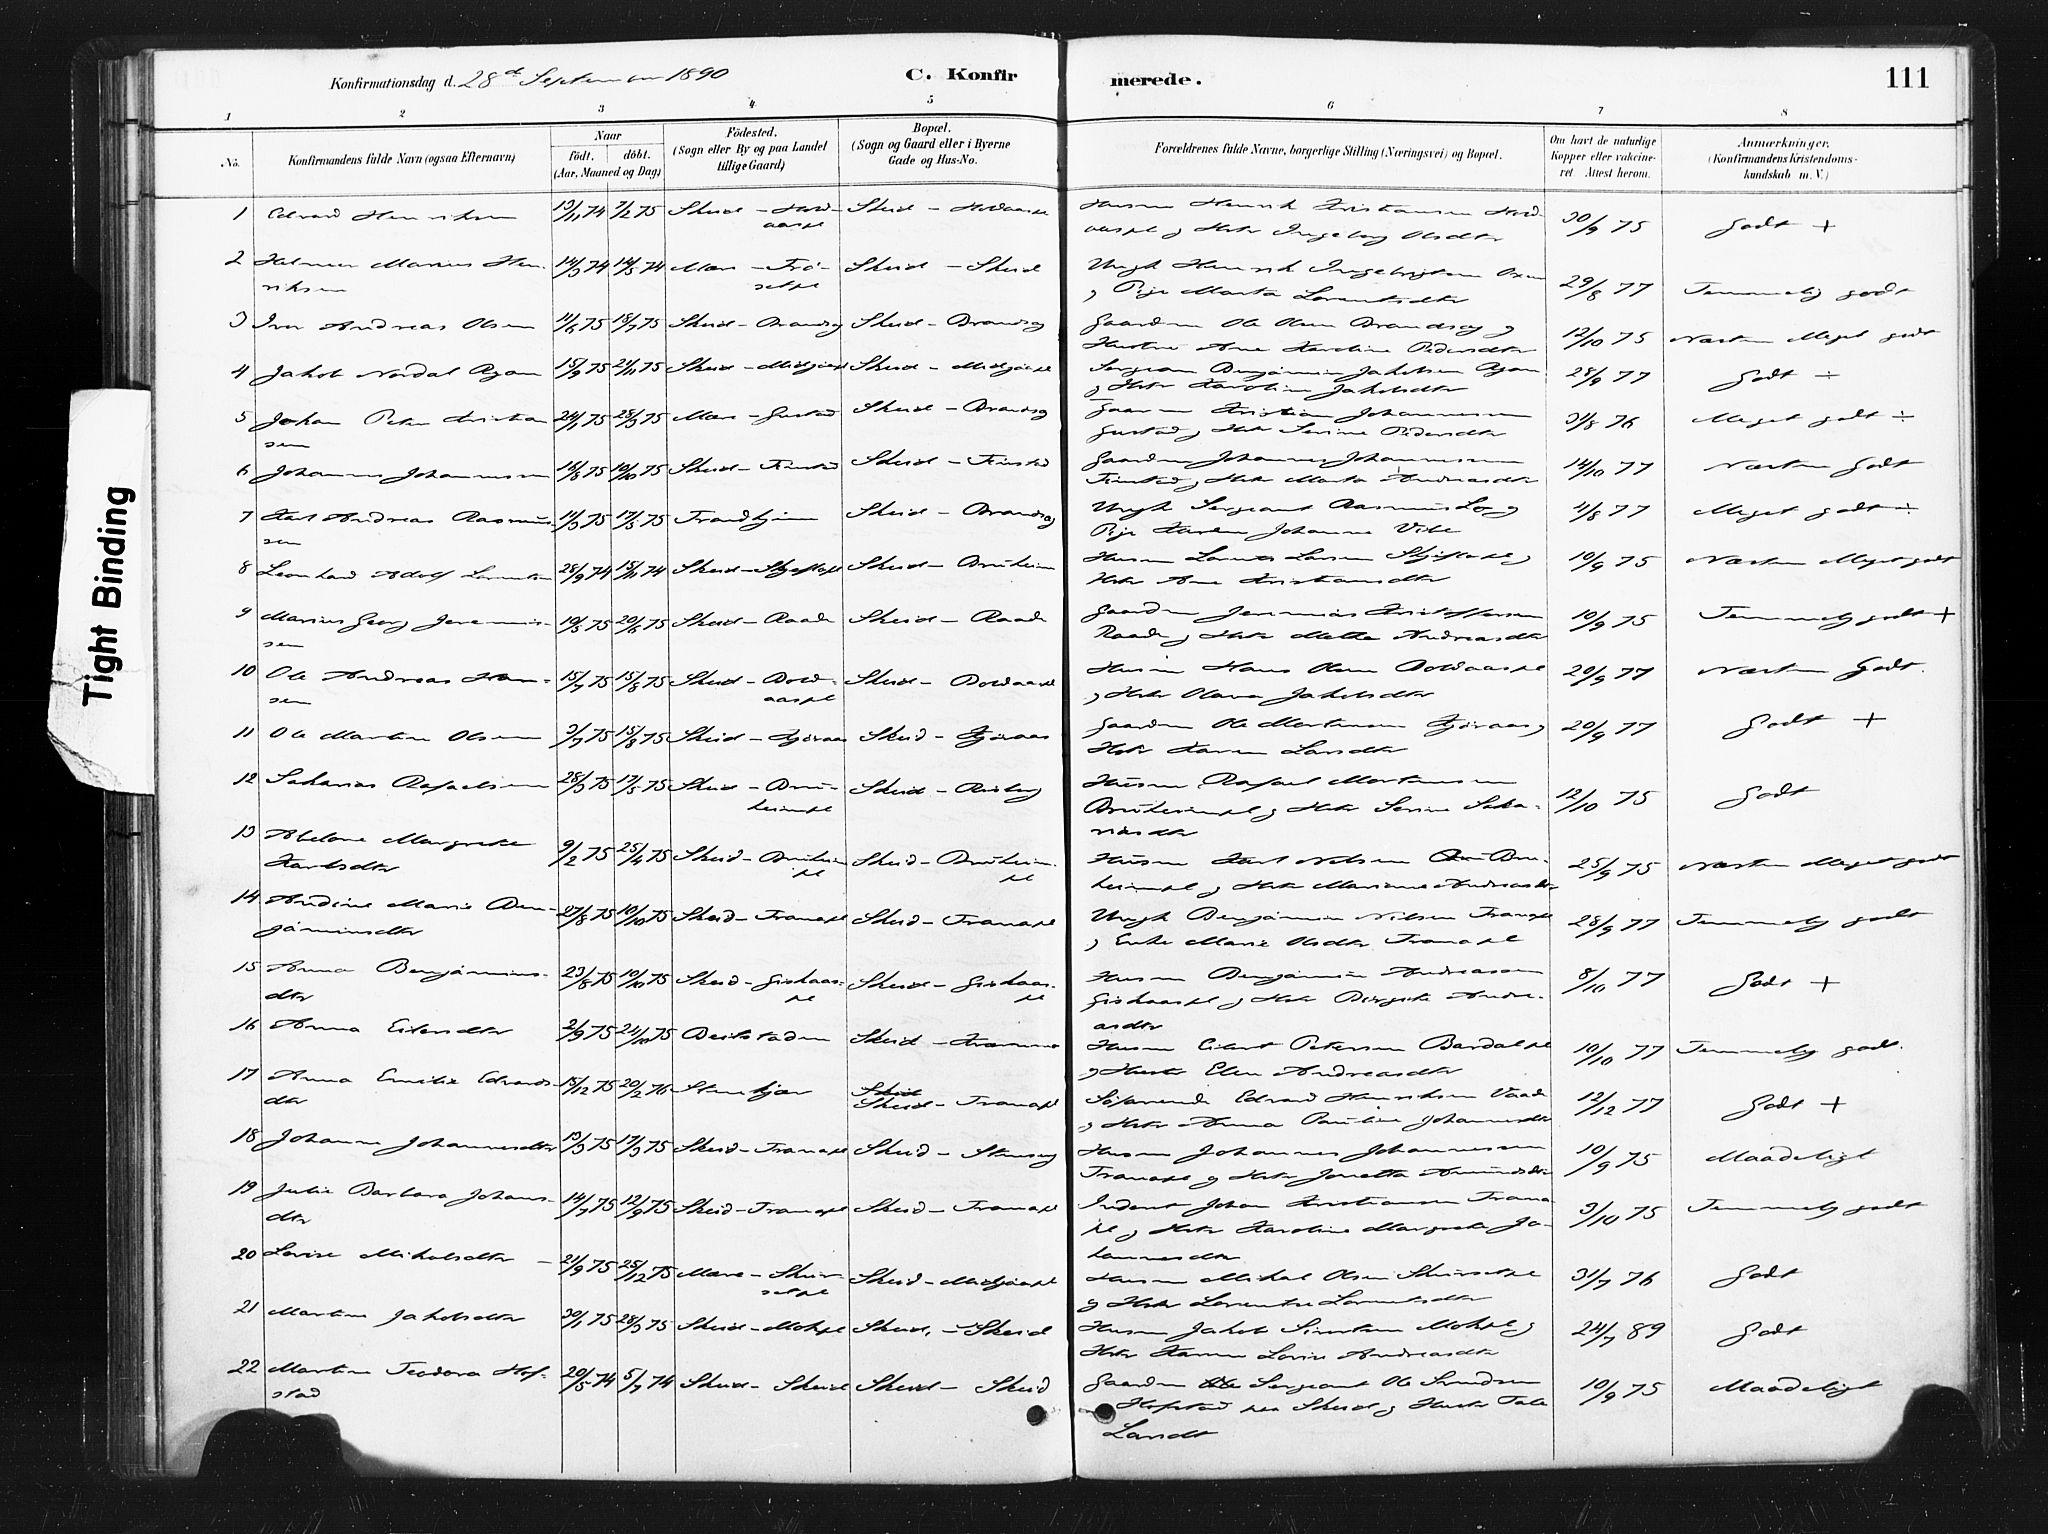 SAT, Ministerialprotokoller, klokkerbøker og fødselsregistre - Nord-Trøndelag, 736/L0361: Ministerialbok nr. 736A01, 1884-1906, s. 111